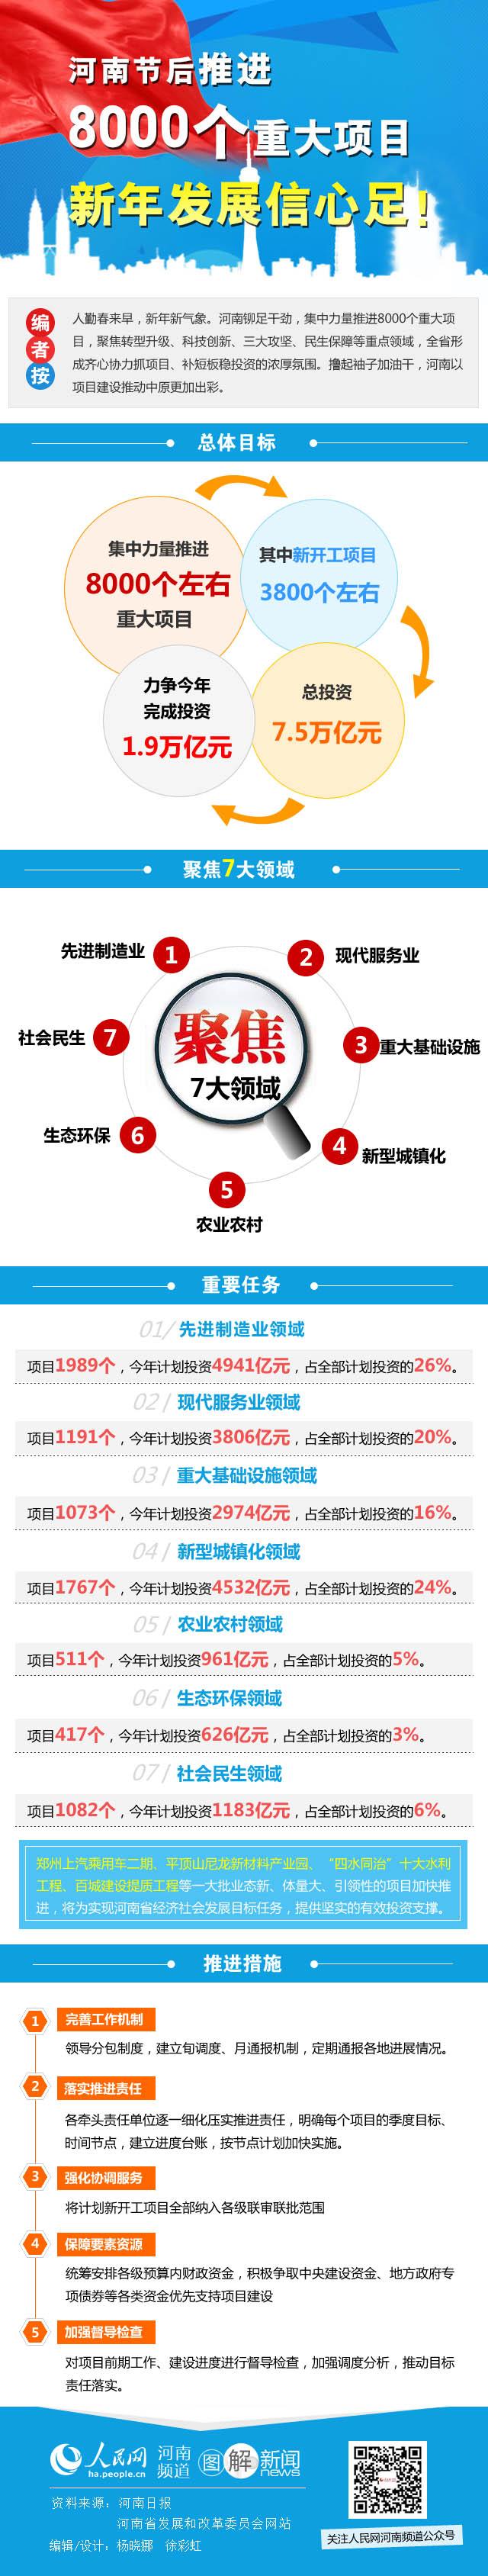 河南节后推进8000个重大项目 新年发展信心足